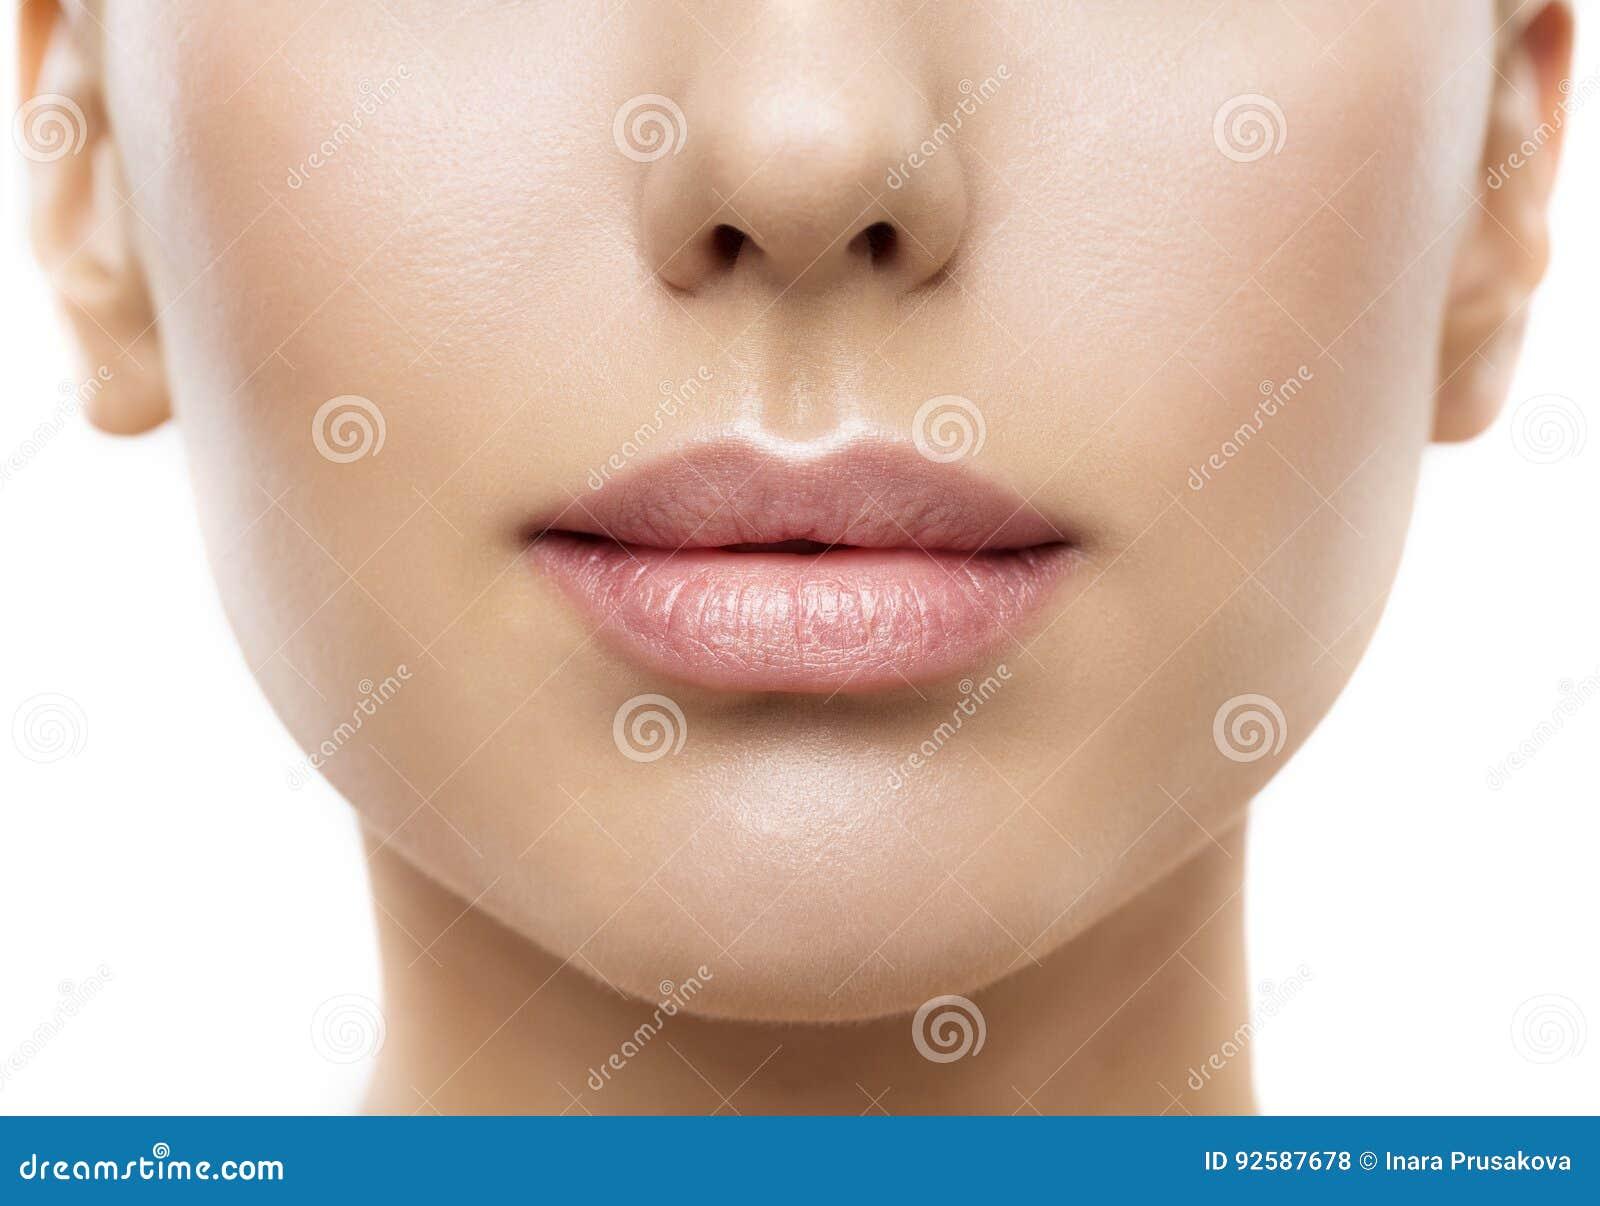 Lippen, Frauen-Gesichts-Mund-Schönheit, schöne Haut-volle Lippennahaufnahme